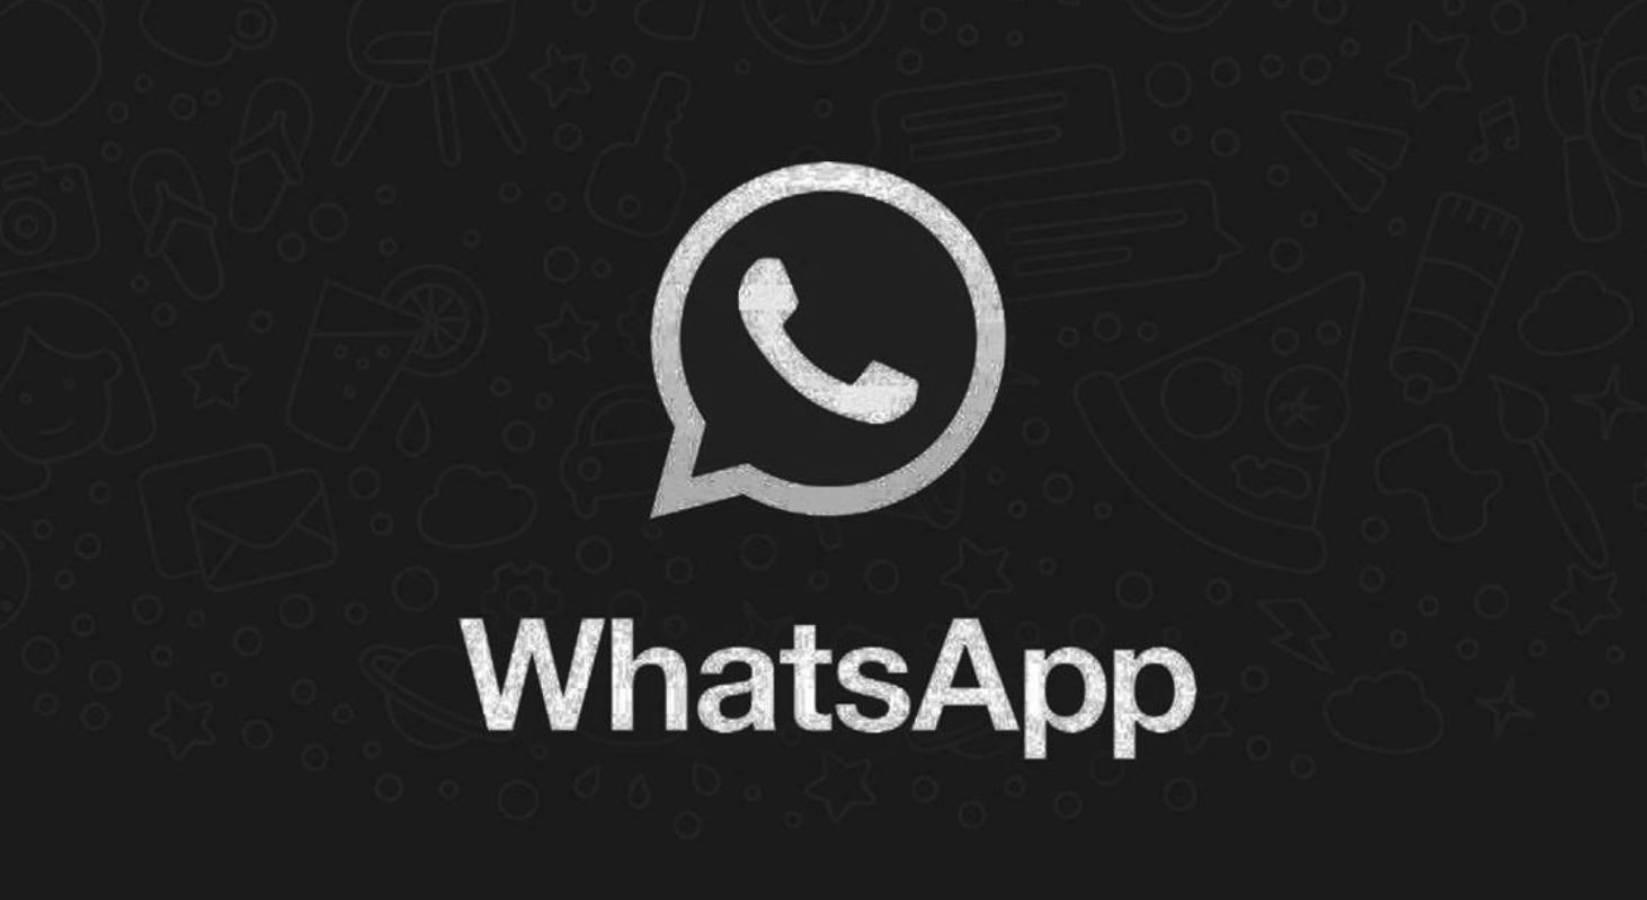 Vestea WhatsApp INFURIAT Utilizatorii Telefoane